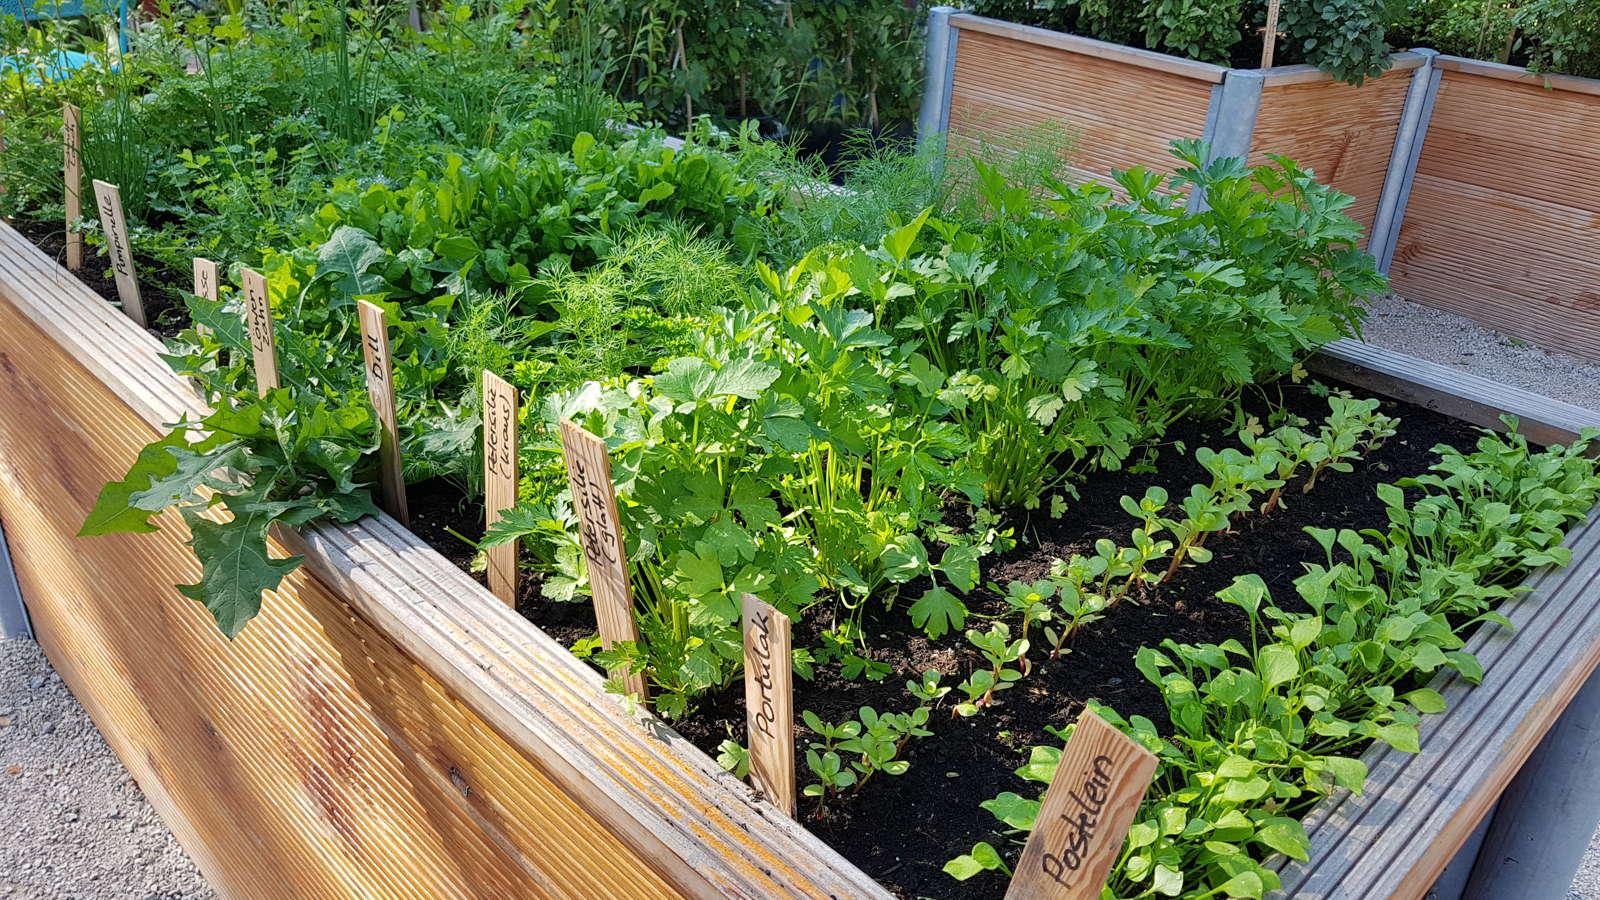 Hochbeet Krauter Vertikale Beete Mit Erdbeeren Und Krautern Bepflanzen